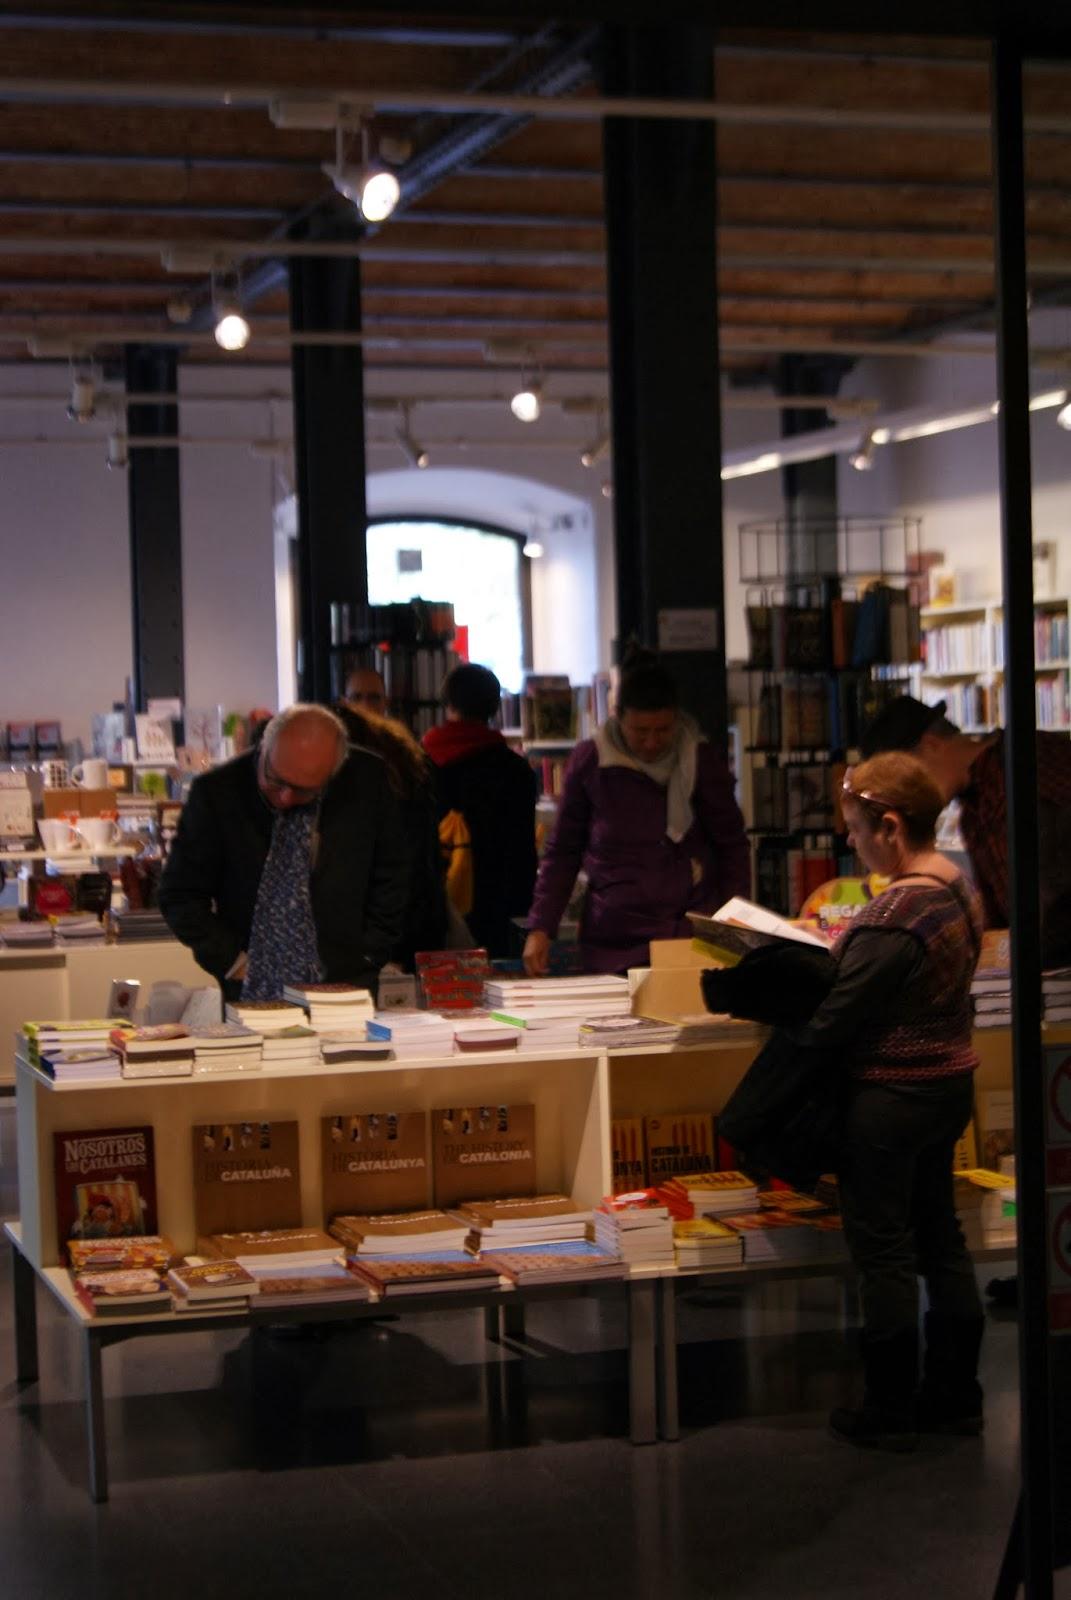 Lectors en una llibreria per Teresa Grau Ros